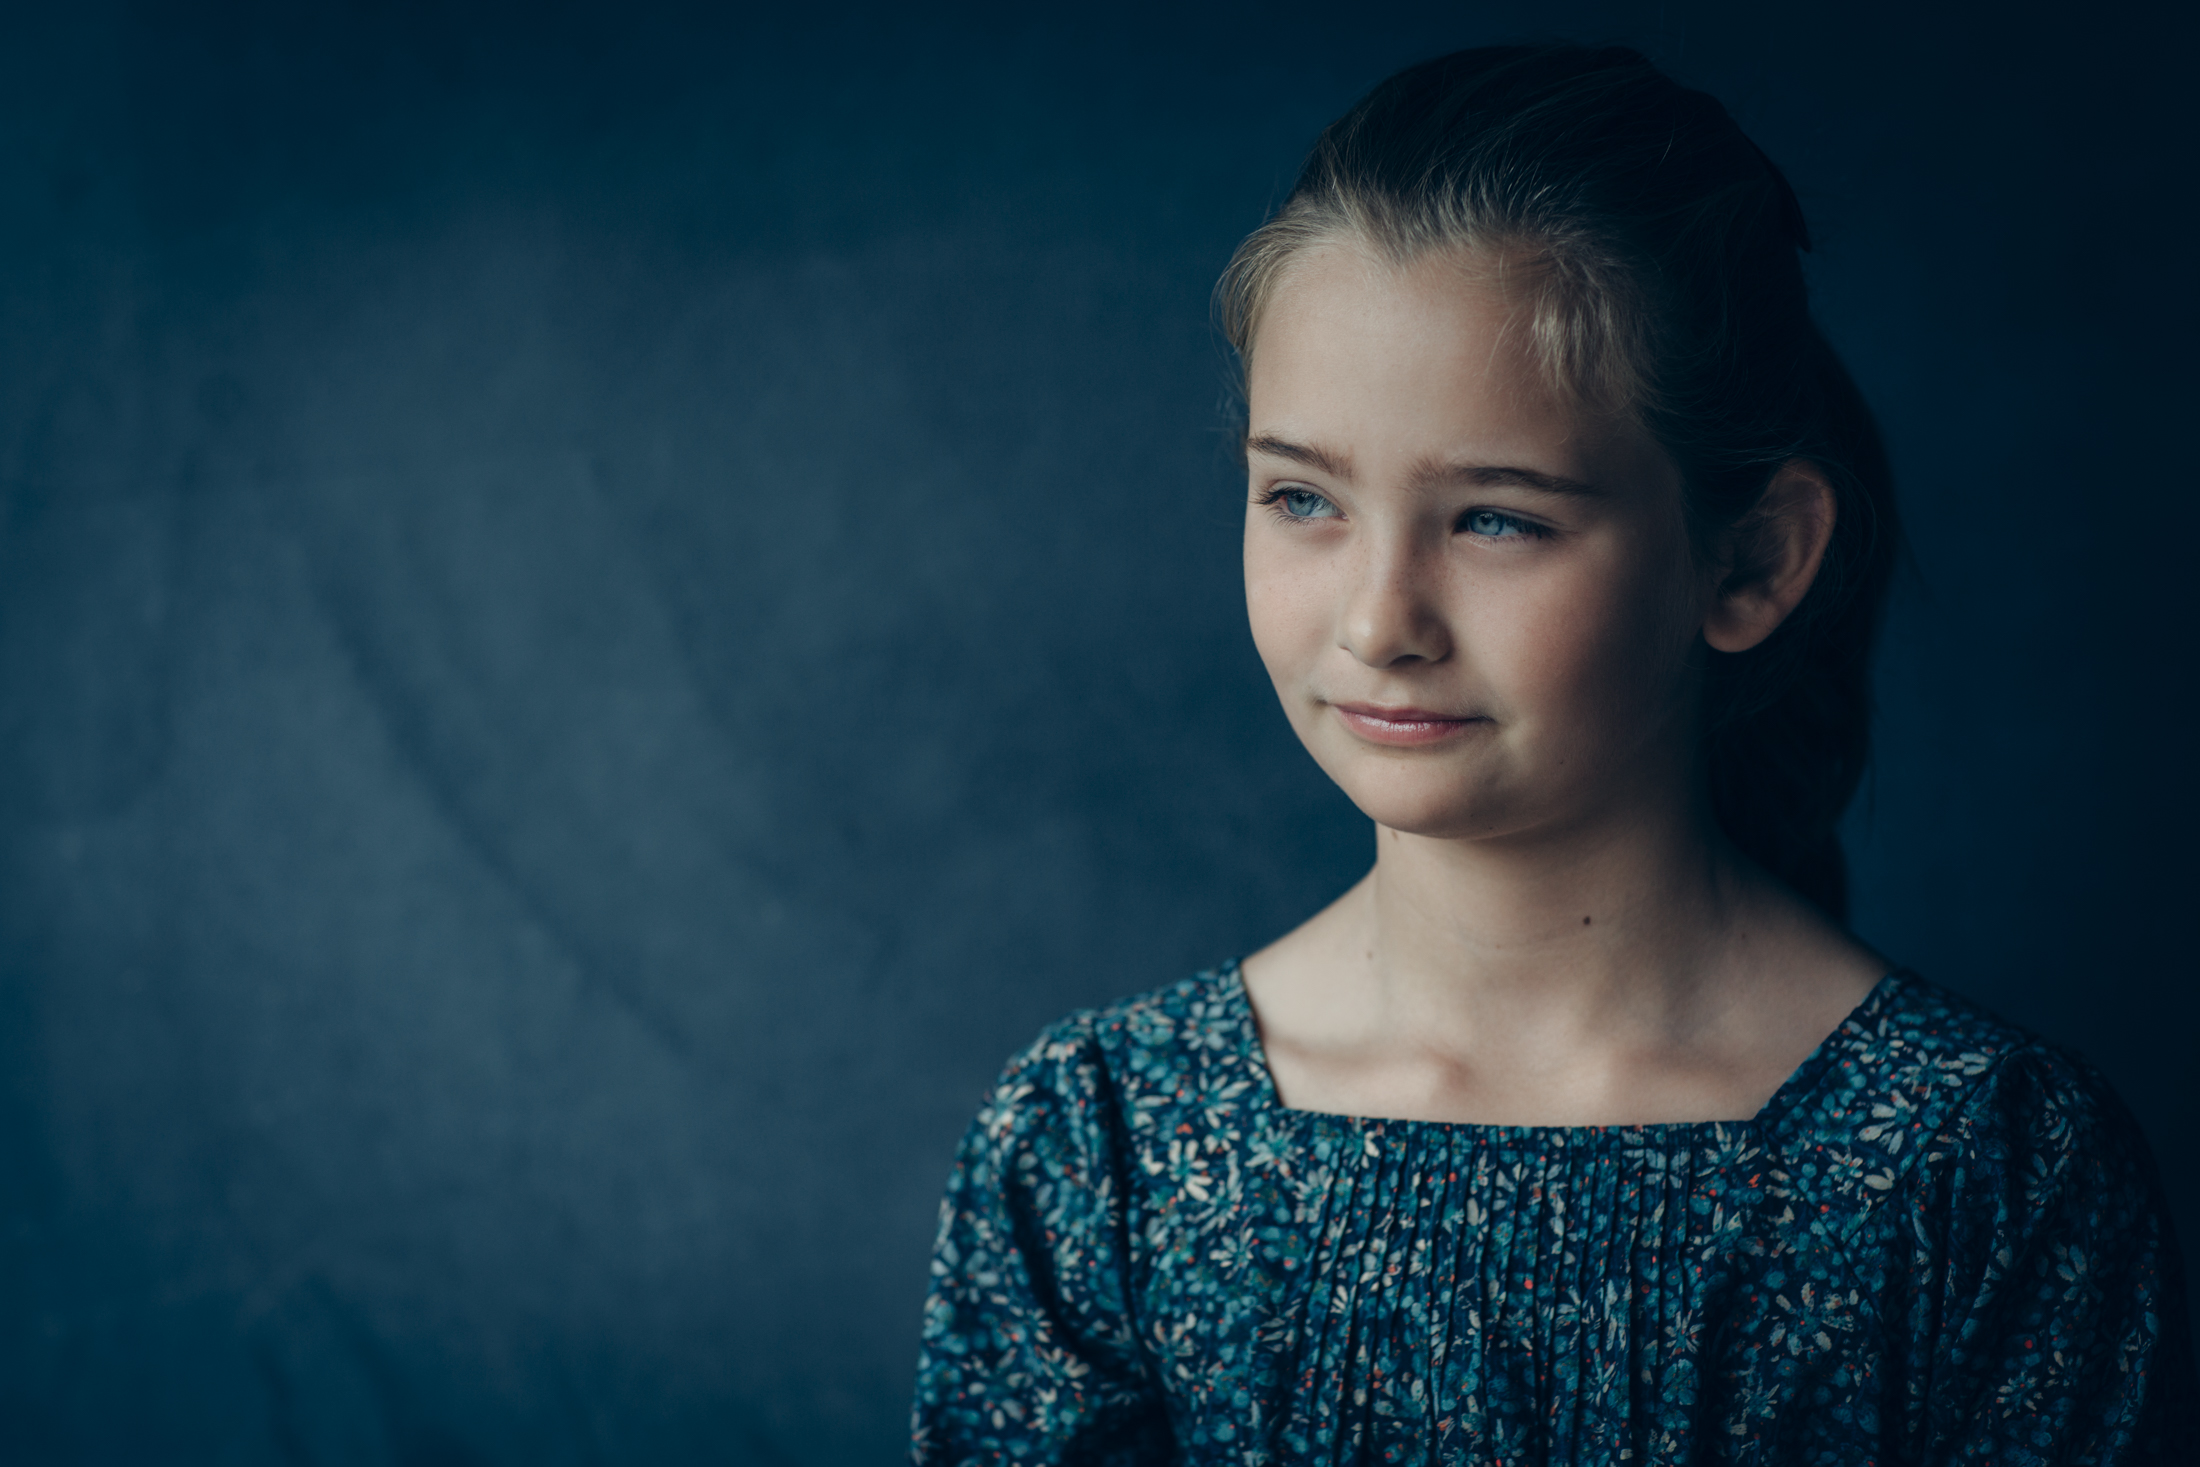 sydney_child_portrait_photgrapher_sheridan_nilsson-4559.jpg